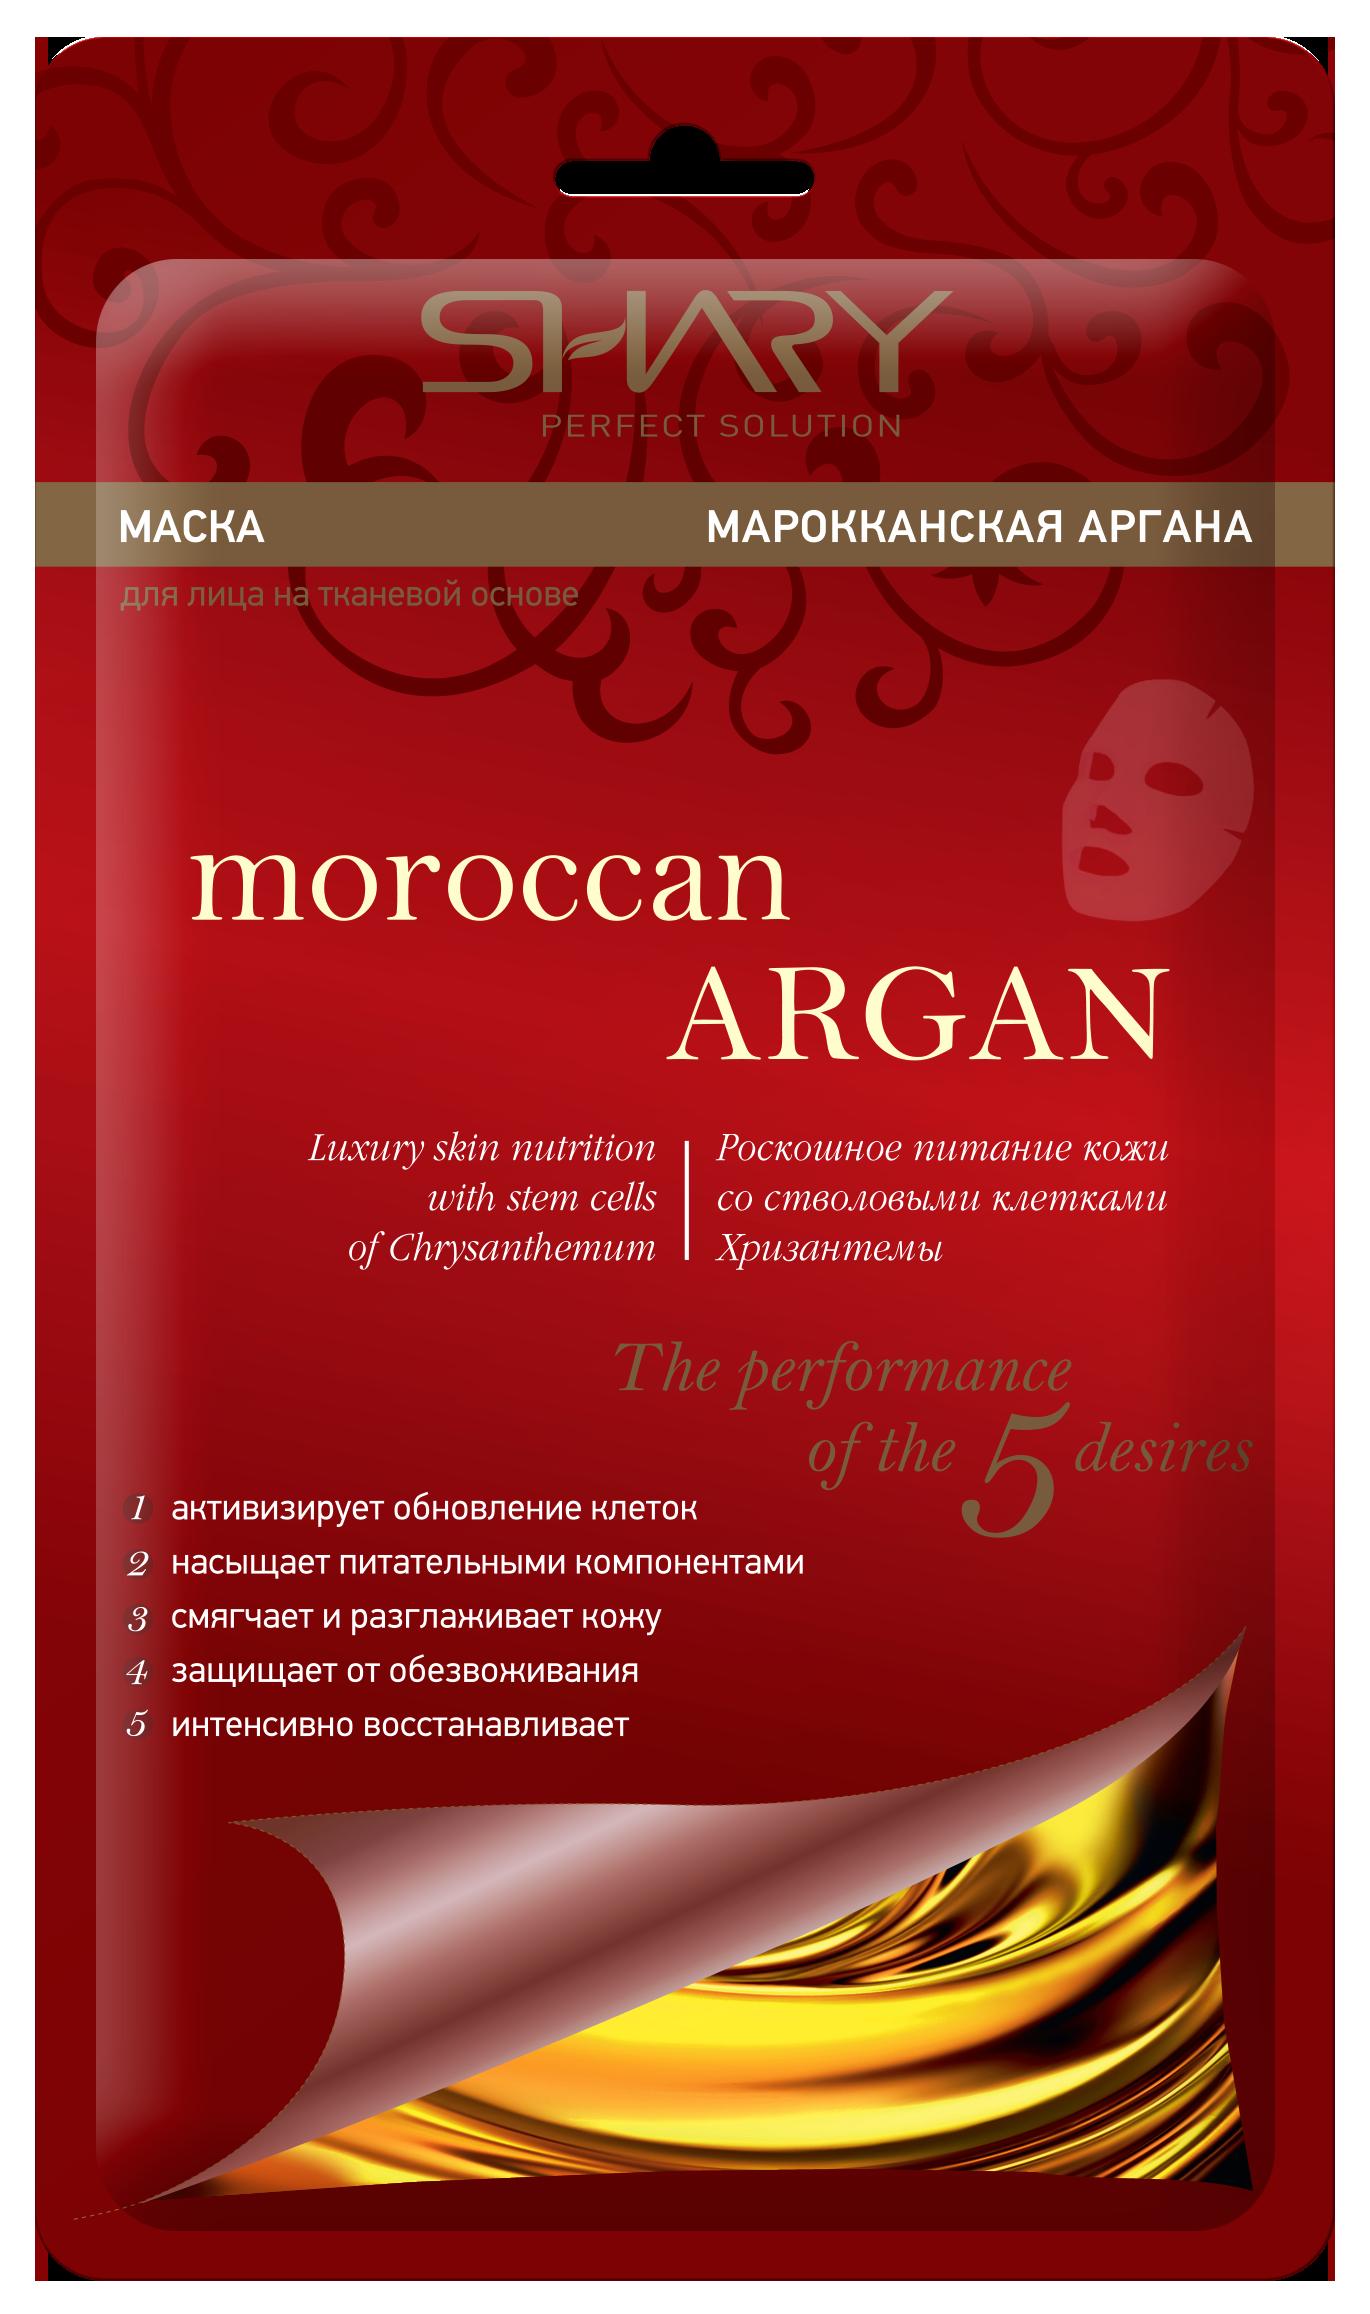 SHARY Маска для лица на тканевой основе Марокканская аргана / SHARY 20 грМаски<br>Маска  Марокканская аргана  для лица на тканевой основе. РОСКОШНОЕ ПИТАНИЕ КОЖИ СО СТВОЛОВЫМИ КЛЕТКАМИ ХРИЗАНТЕМЫ. Ценнейшее аргановое масло отличается повышенным содержанием витаминов E и F (ненасыщенных жирных кислот), которые надежно защищают кожу от разрушения свободными радикалами, предотвращая её преждевременное старение. Маска  Марокканская Аргана  для максимального действия обогащена экстрактом стволовых клеток хризантемы. В комплексе эти два ингредиента обеспечивают роскошный уход премиум-класса, насыщая клетки необходимыми питательными веществами. Активная формула стимулирует обновление эпидермиса, эффективно восстанавливает повреждения кожного покрова, снимает раздражения и поддерживает естественный гидролипидный баланс. Ваша кожа приобретает невероятную мягкость и шелковистость. Активные ингредиенты: аргановое масло, коллаген, гиалуроновая кислота, стволовые клетки хризантемы, экстракты: граната, опунции, меда. Состав: Water, Propylene Glycol, Glycerin, Dipropylene Glycol, Argania Spinosa Kernel Oil, Vaccinium Angustifolium (Blueberry) Fruit Extract, Punica Granatum Fruit Extract, Opuntia Coccinellifera Flower Extract, Honey Extract, Portulaca Oleracea Extract, Hamamelis Virginiana (Witch Hazel) Extract, Cordyceps Sinensis Extract, Chrysanthemum Indicum Callus Culture Extract, Hydrolyzed Collagen, Sodium Hyaluronate, Acetyl Hexapeptide-8, Butylene Glycol, Lecithin, Tropolone, Betaine, Allantoin, Panthenol, Tromethamine, Caprylyl Glycol, Xanthan Gum, Glycereth-26, PEG-60 Hydrogenated Castor Oil, Carbomer, Disodium EDTA, Chlorphenesin, Ethylhexylglycerin, Phenoxyethanol, Ethyl Hexanediol, 1,2-Hexanediol, Fragrance. Способ применения: Извлеките маску из упаковки, разверните и приложите её к предварительно очищенному лицу. Расправьте образовавшиеся складочки, чтобы маска плотно прилегала к коже. Спустя 10-15 минут снимите маску и распределите остатки средства мягкими скользящим